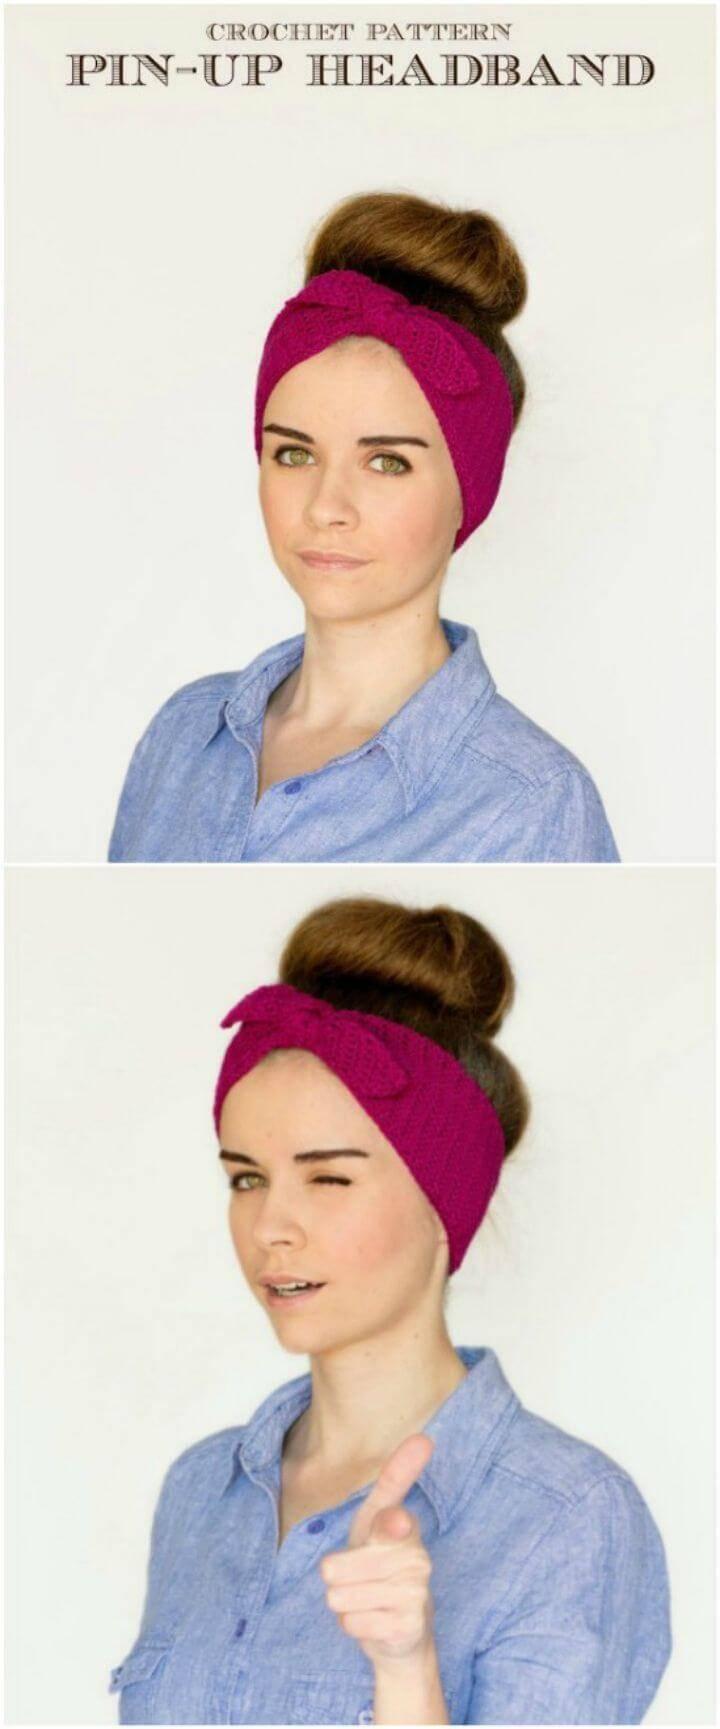 How To Retro Pin-Up Headband Crochet Pattern